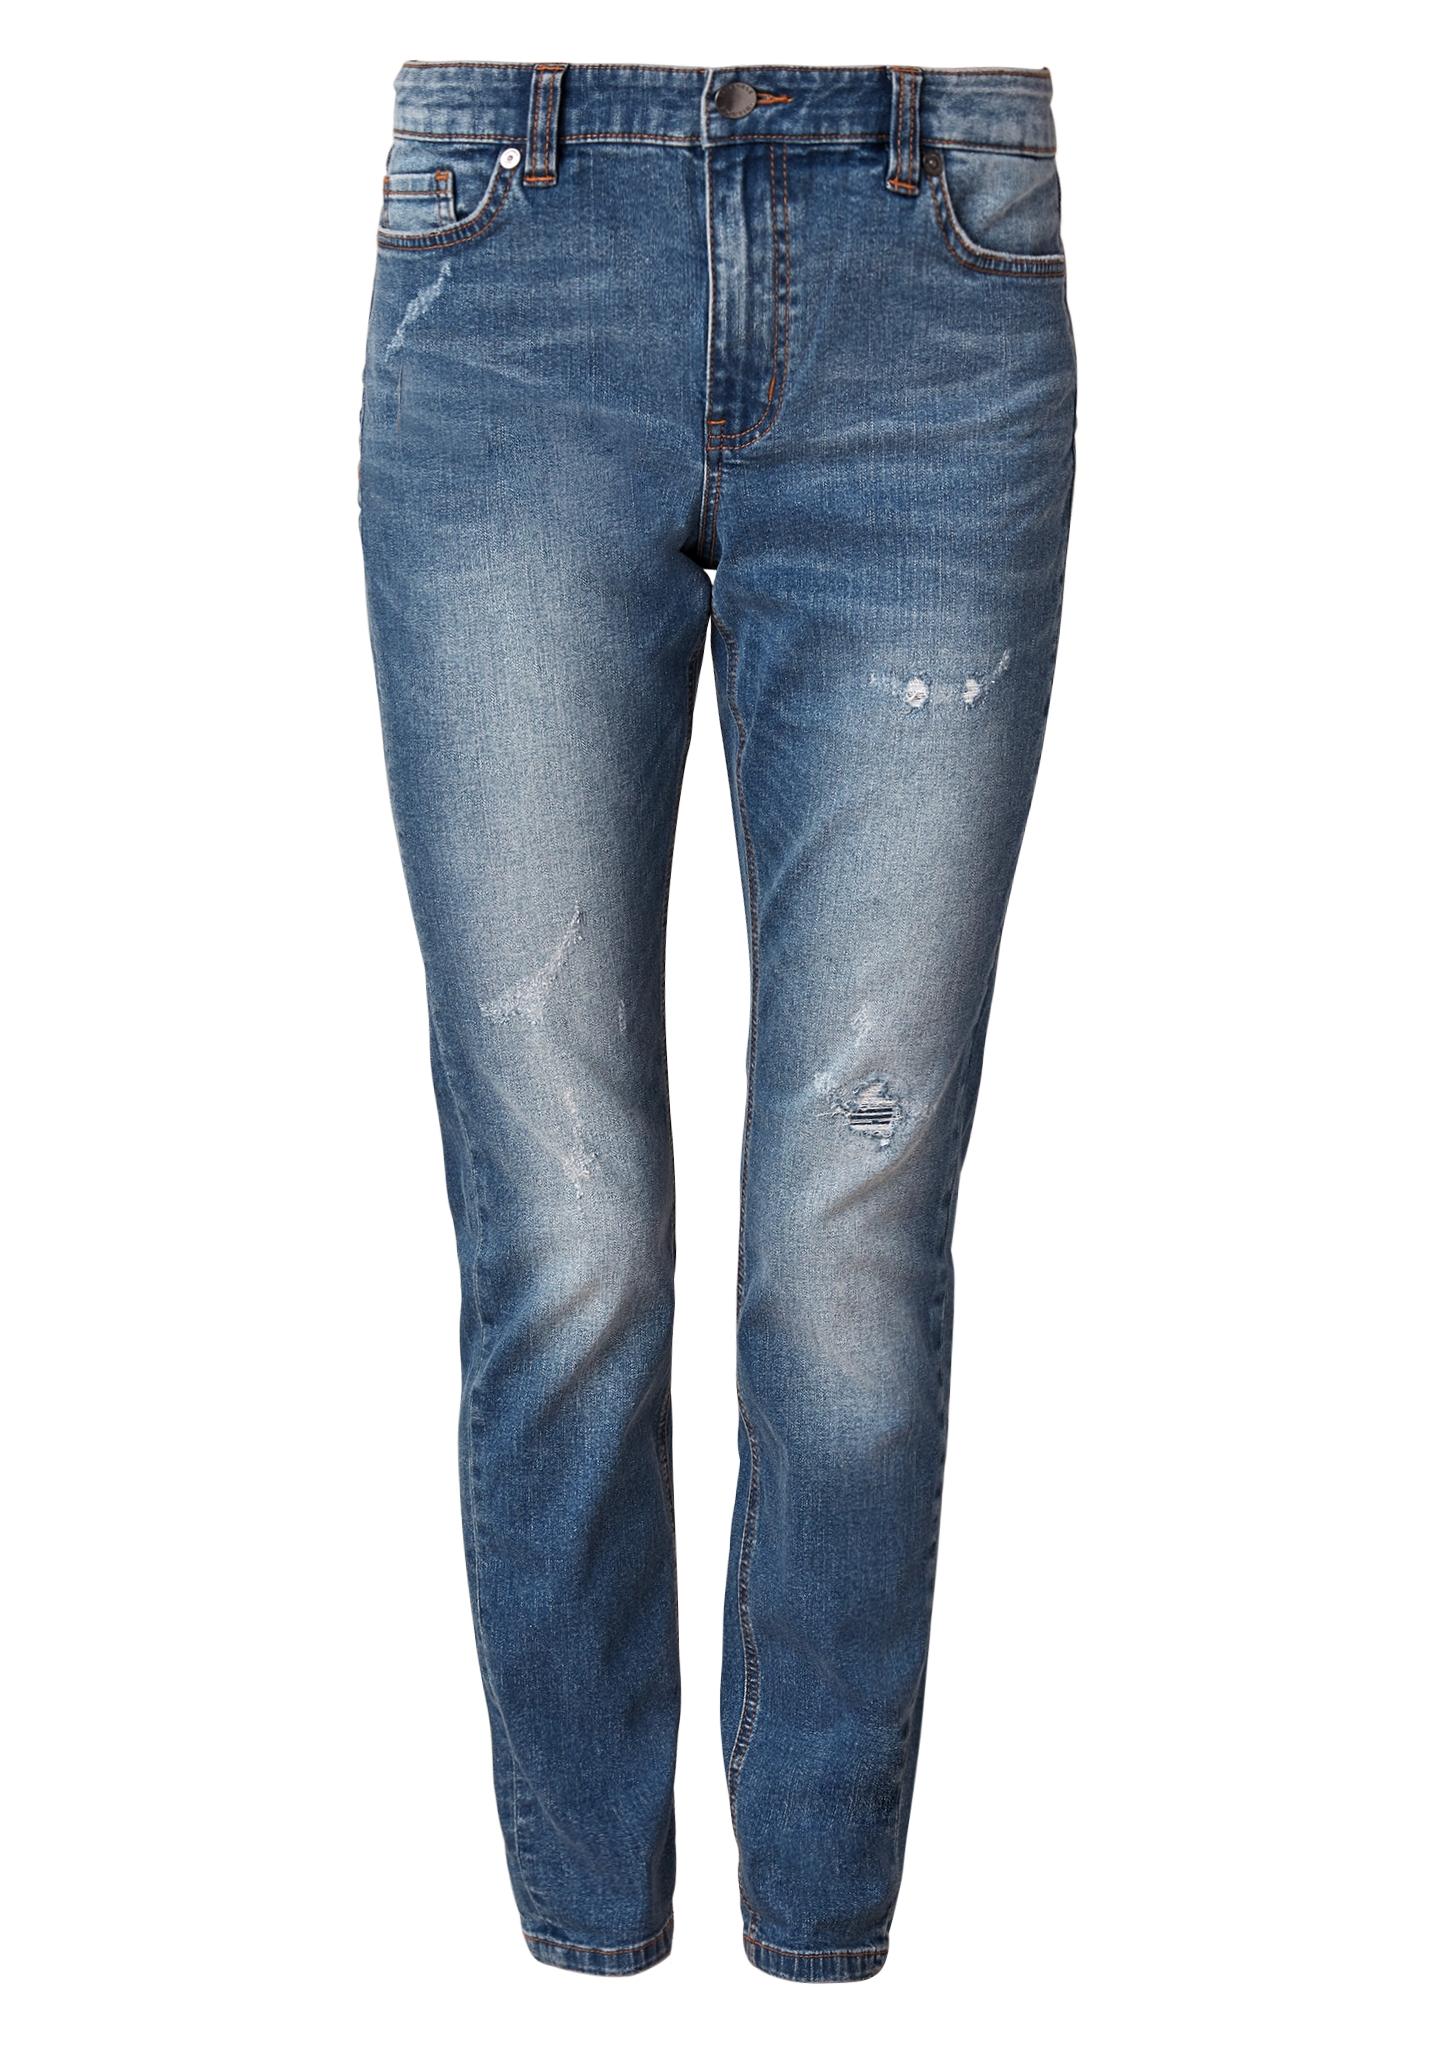 Boyfriend Jeans | Bekleidung > Jeans > Boyfriend-Jeans | Blau | 76% baumwolle -  16% polyester -  7% viskose -  1% elasthan| enthält nichttextile teile tierischen ursprungs (leder-patch) | TRIANGLE